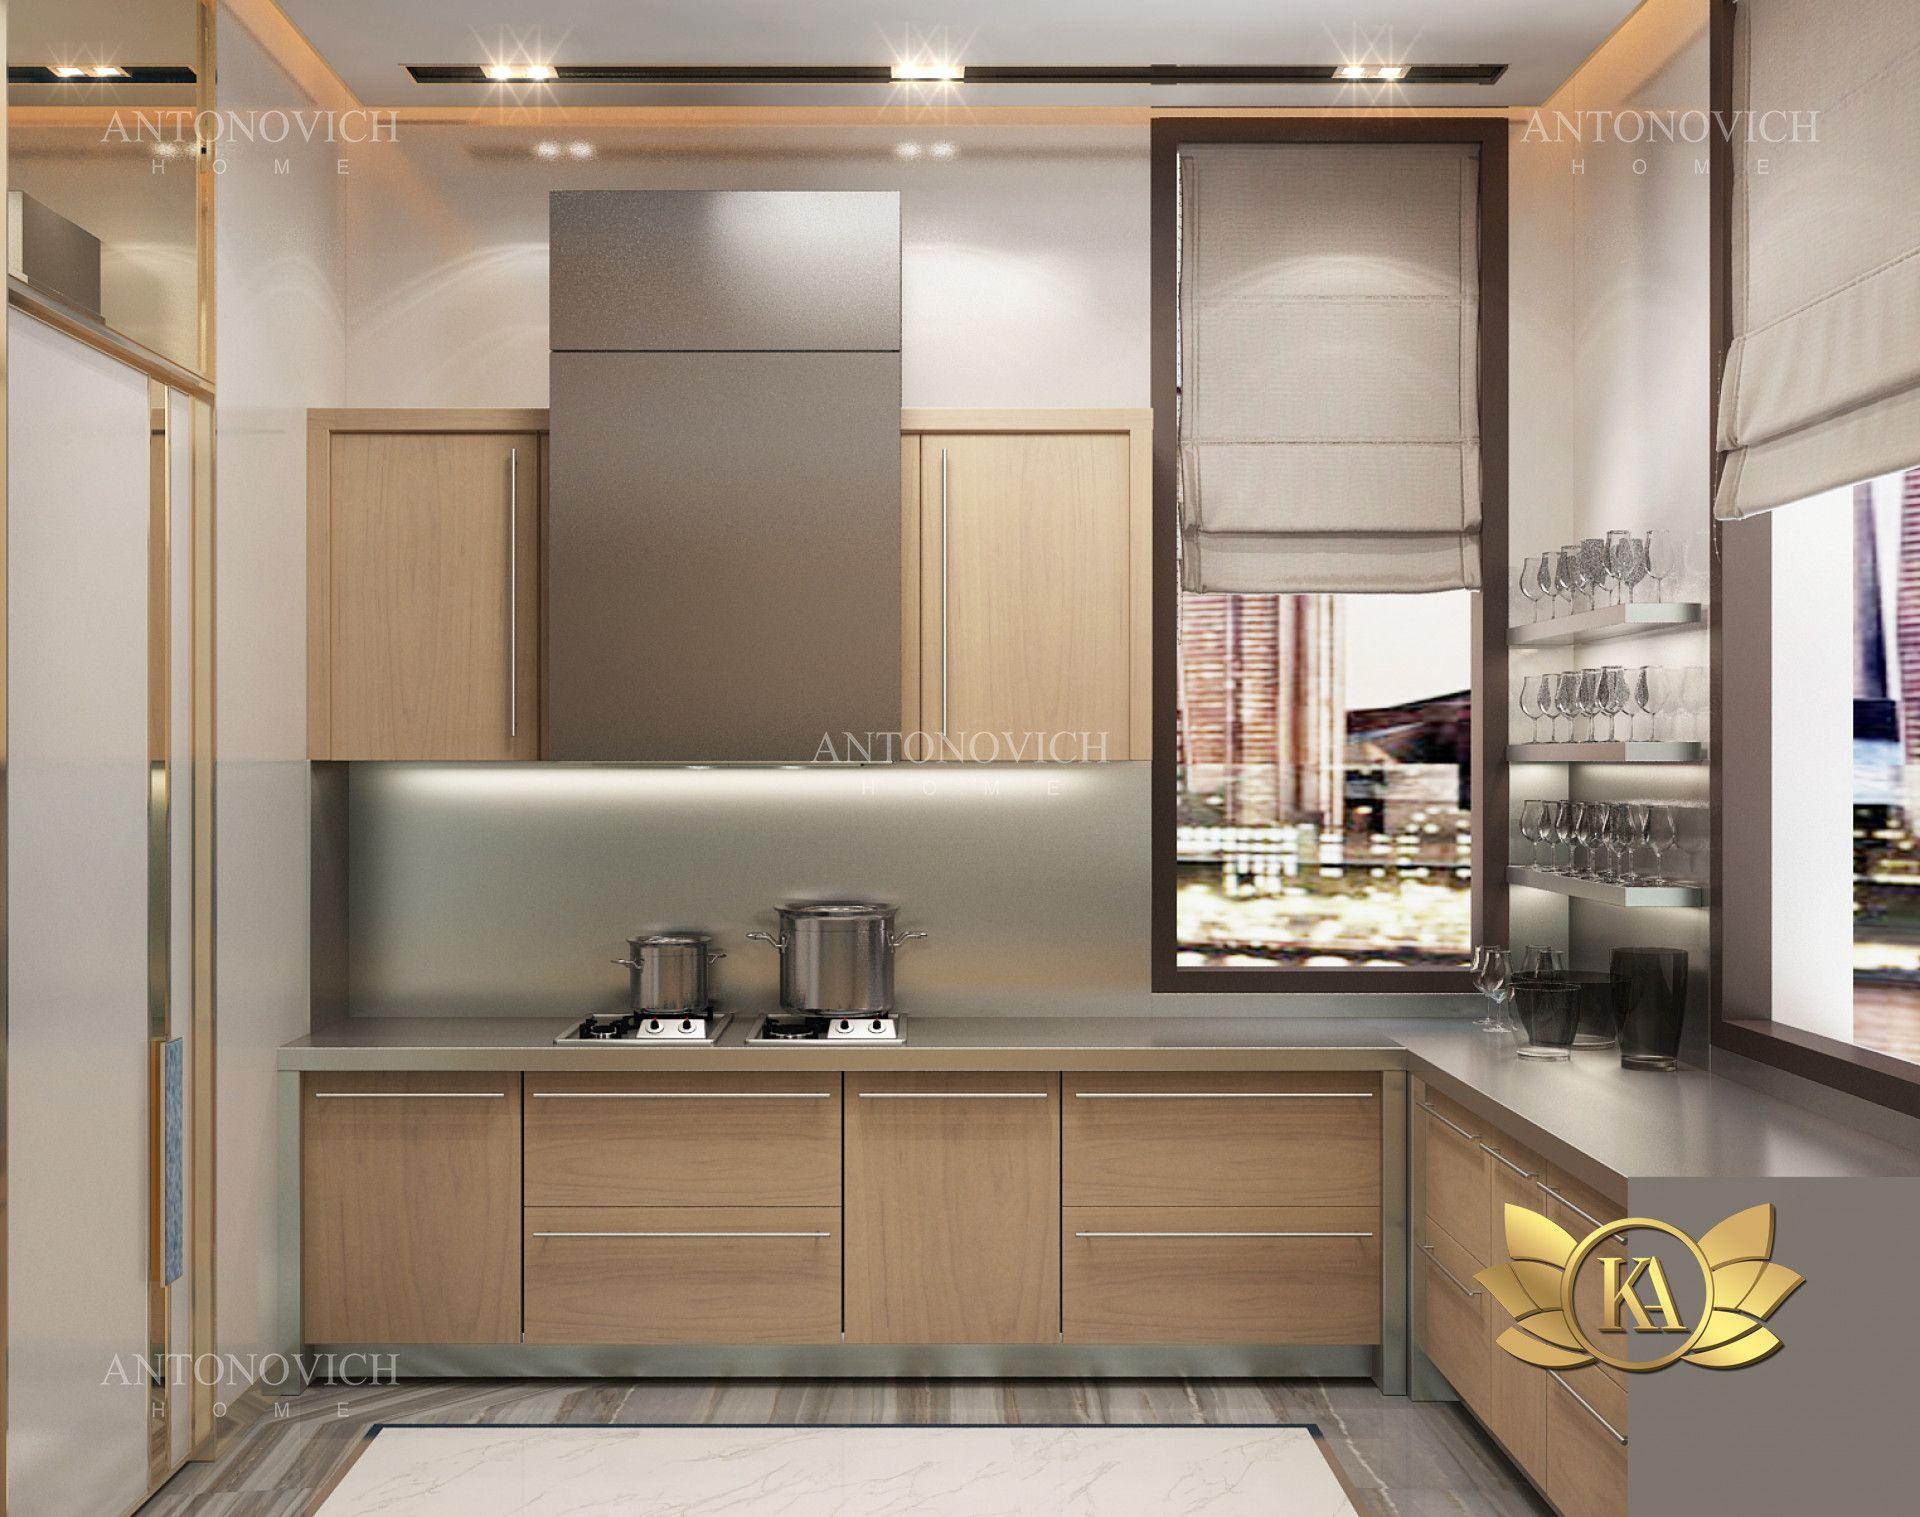 Kitchen Pantry Design Interior Design Companies Pantry Design Kitchen Pantry Design